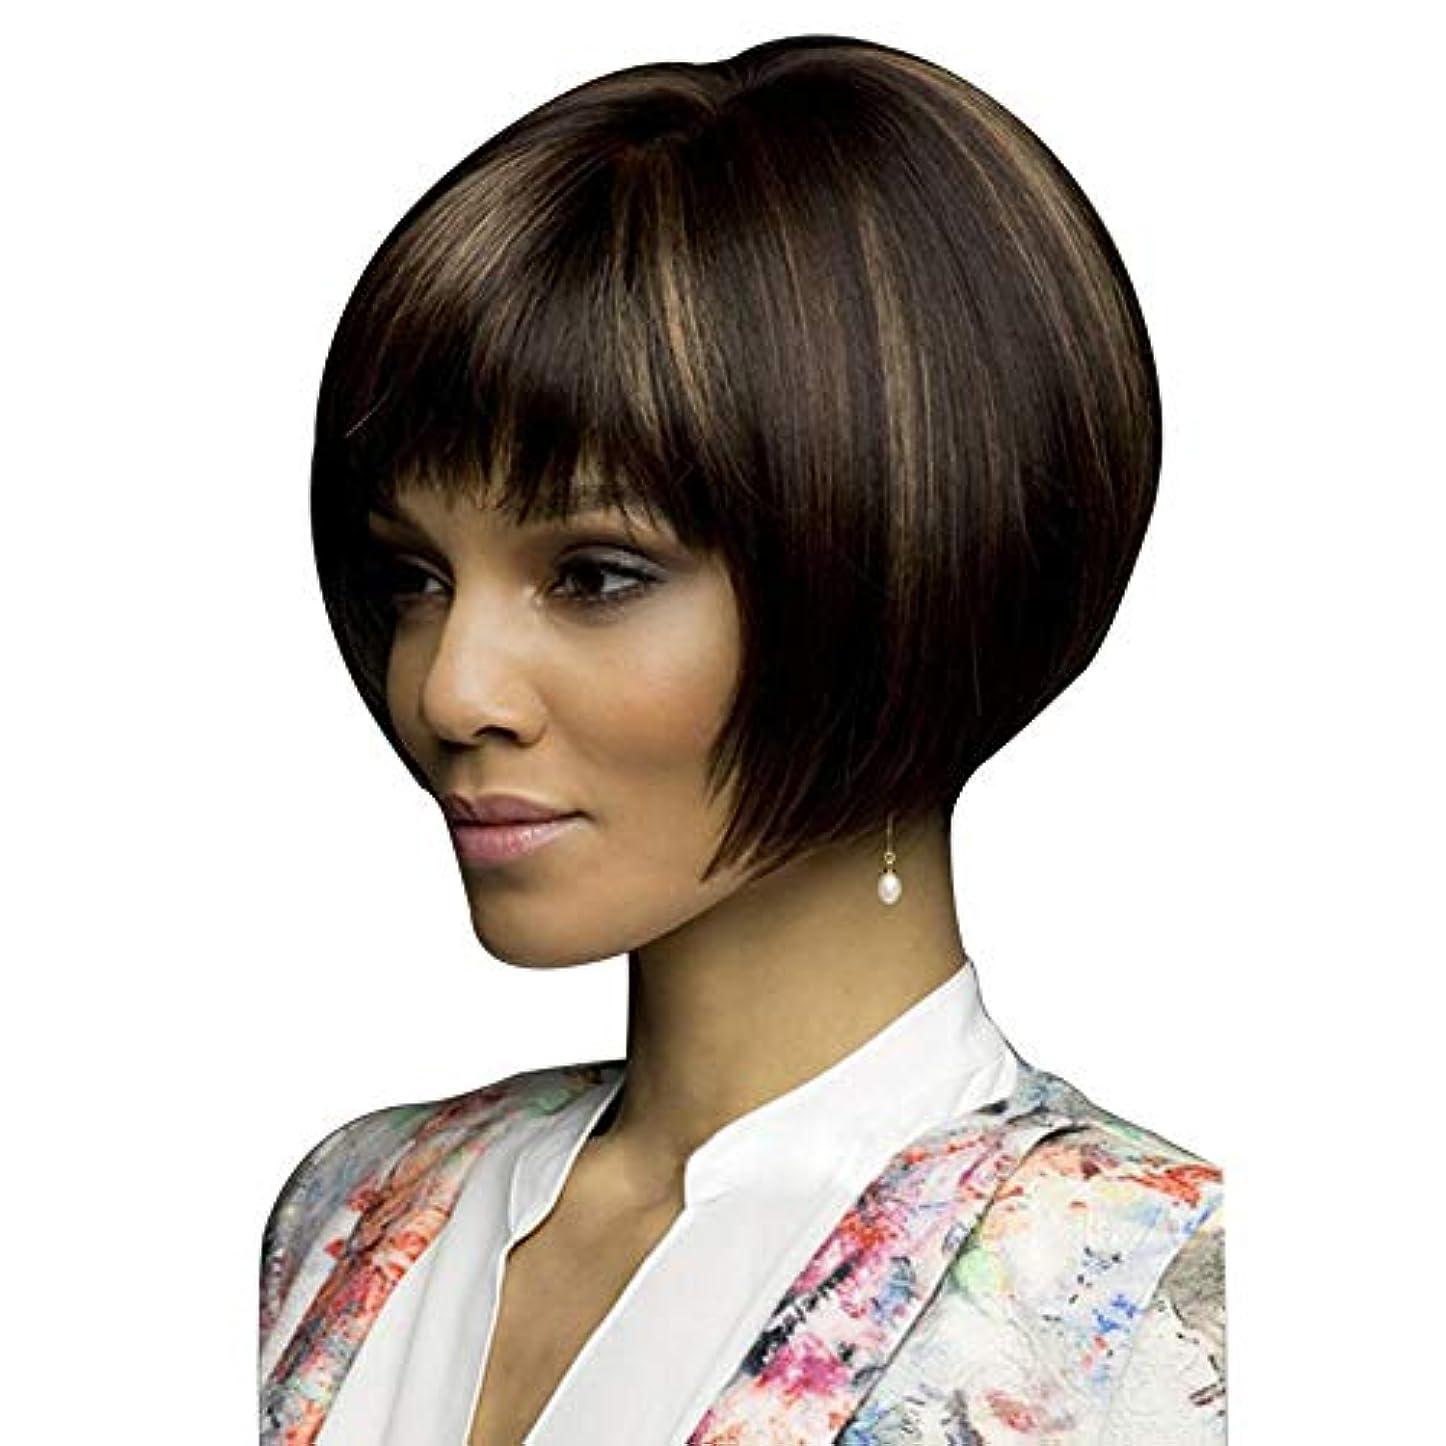 ランダム王女動かすレディースウィッグ、ナチュラルファッションショートストレートヘアセット、高温シルク耐熱合成繊維ウィッグ